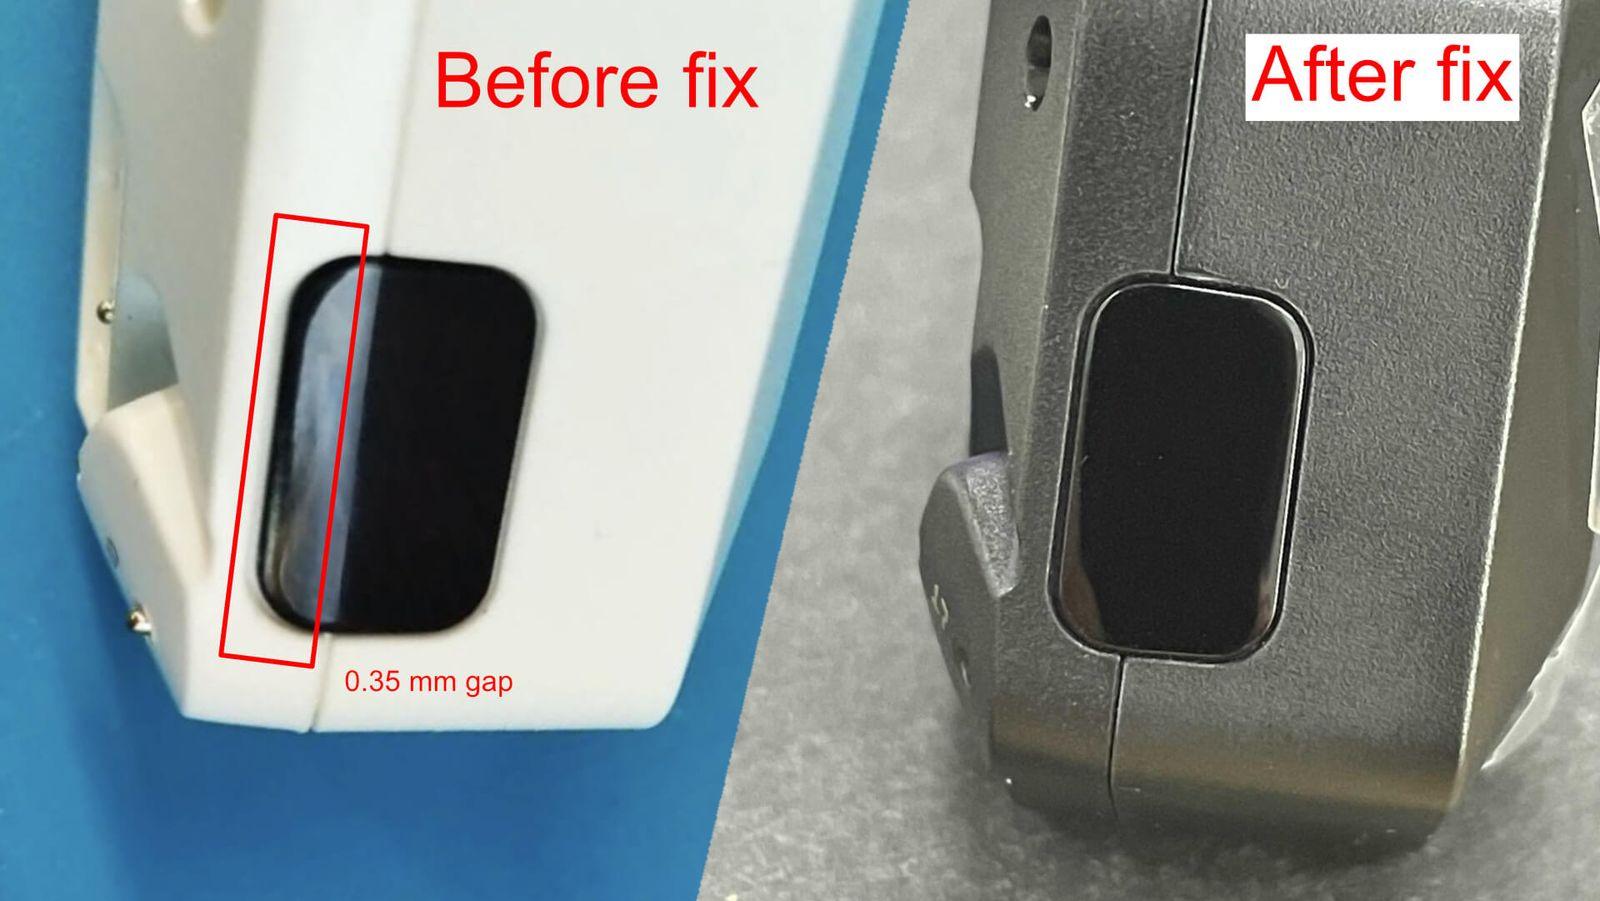 После обновления ИК-окошко плотно прилегает к корпусу с ровными зазорами